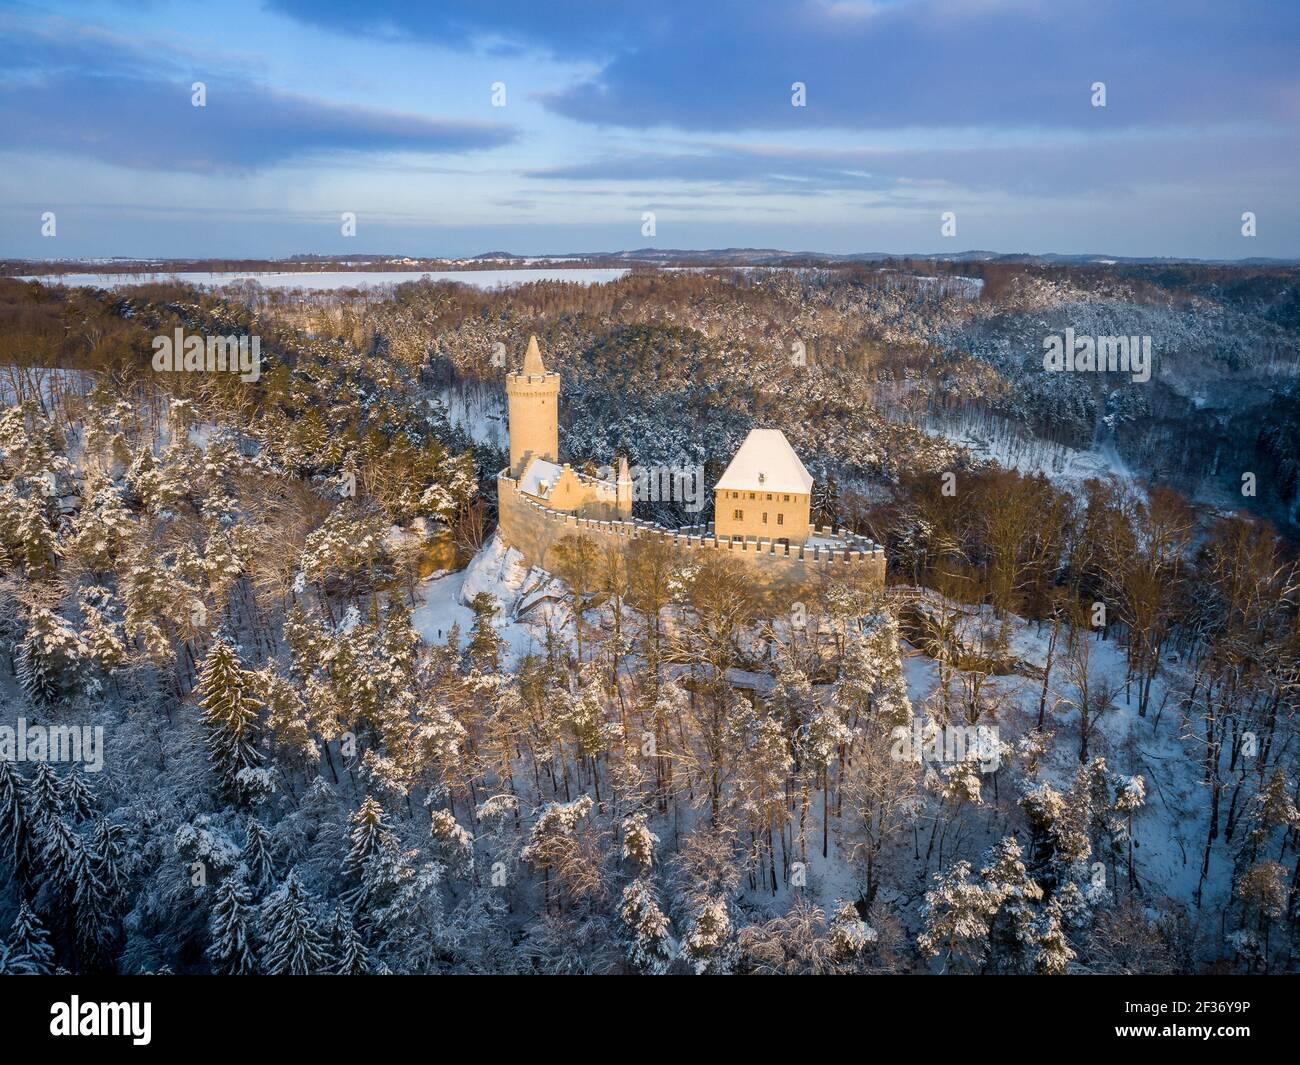 Vista aérea del castillo medieval Kokorin en invierno durante el amanecer. Parque nacional Kokorinsko cerca de Praga en República Checa. Europa Central. Foto de stock